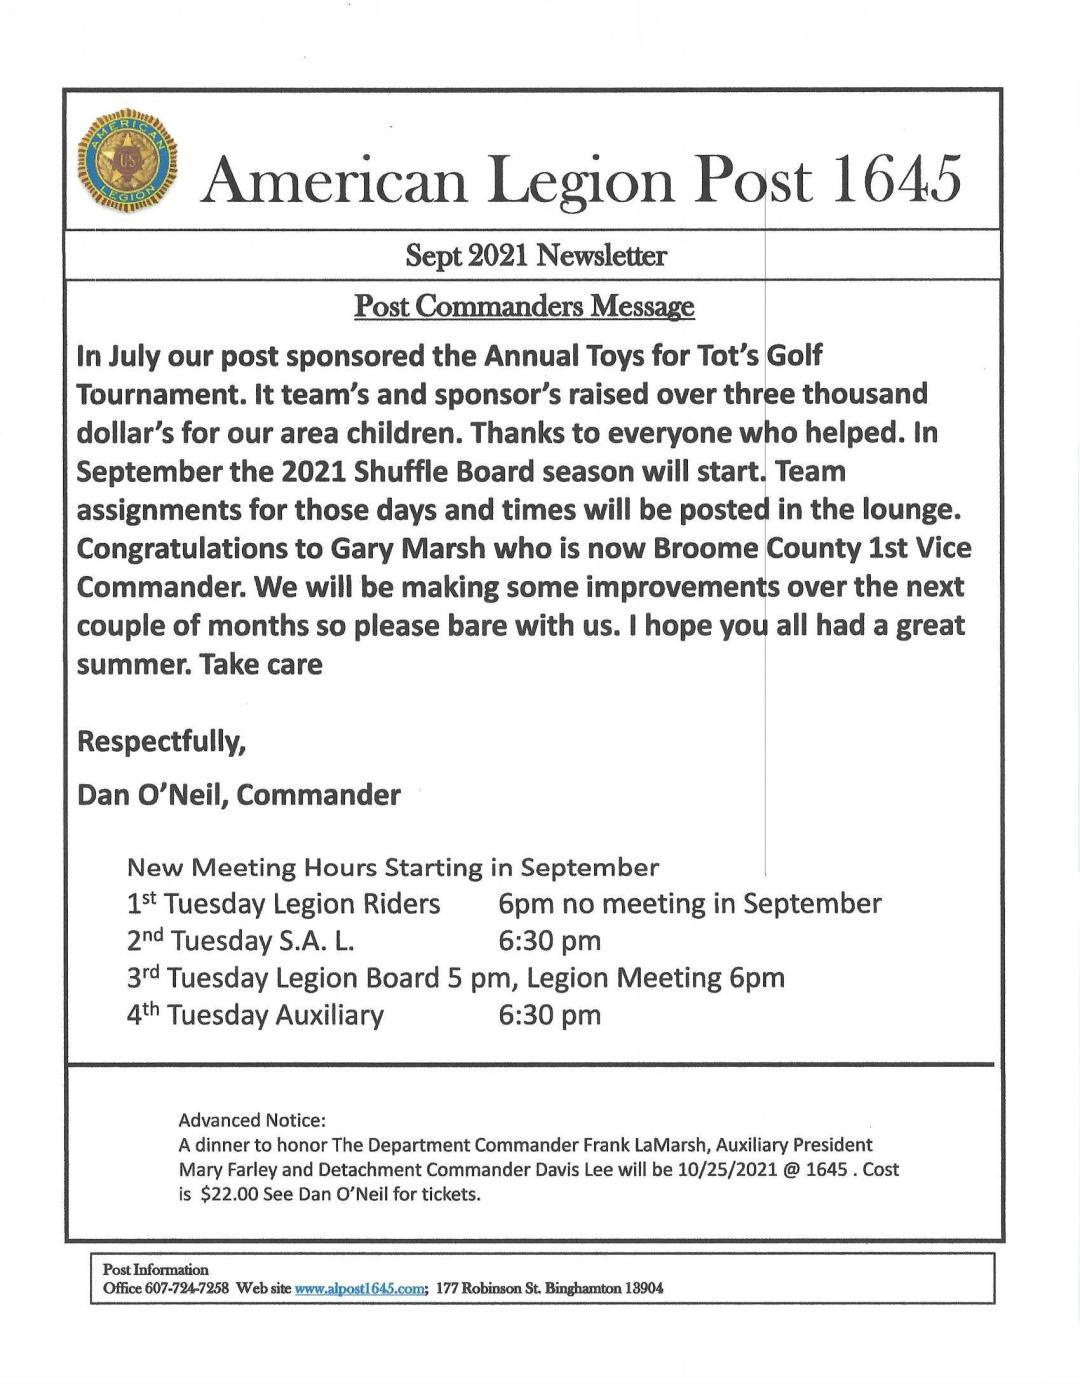 09 Sept Newsletter 0001 - Newsletter